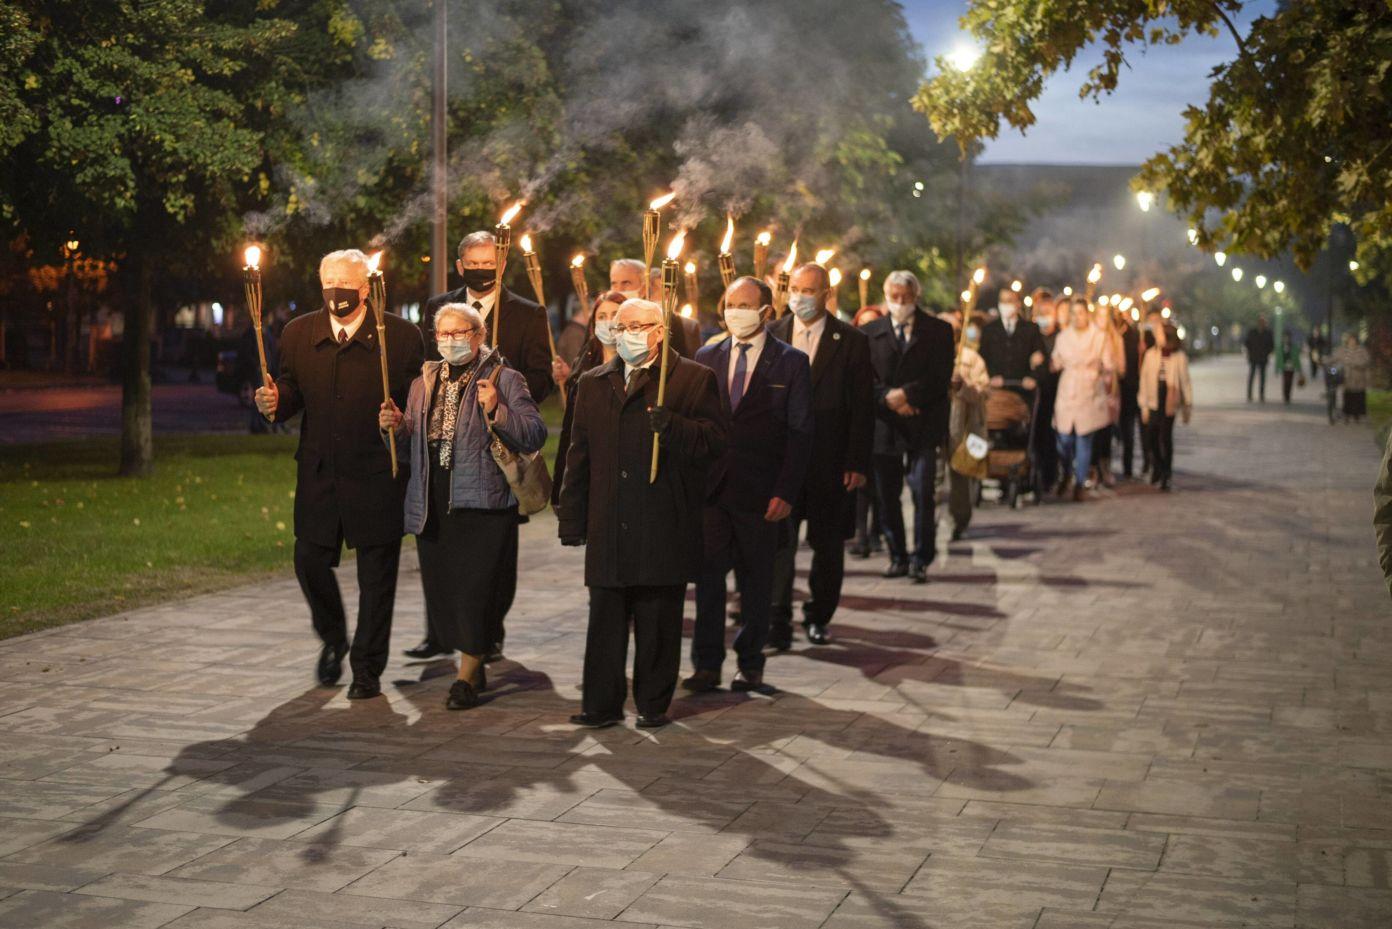 1956-ra emlékeztek Kiskőrösön: fáklyás felvonulással, ünnepi beszéddel, '56-os elismerések átadásával